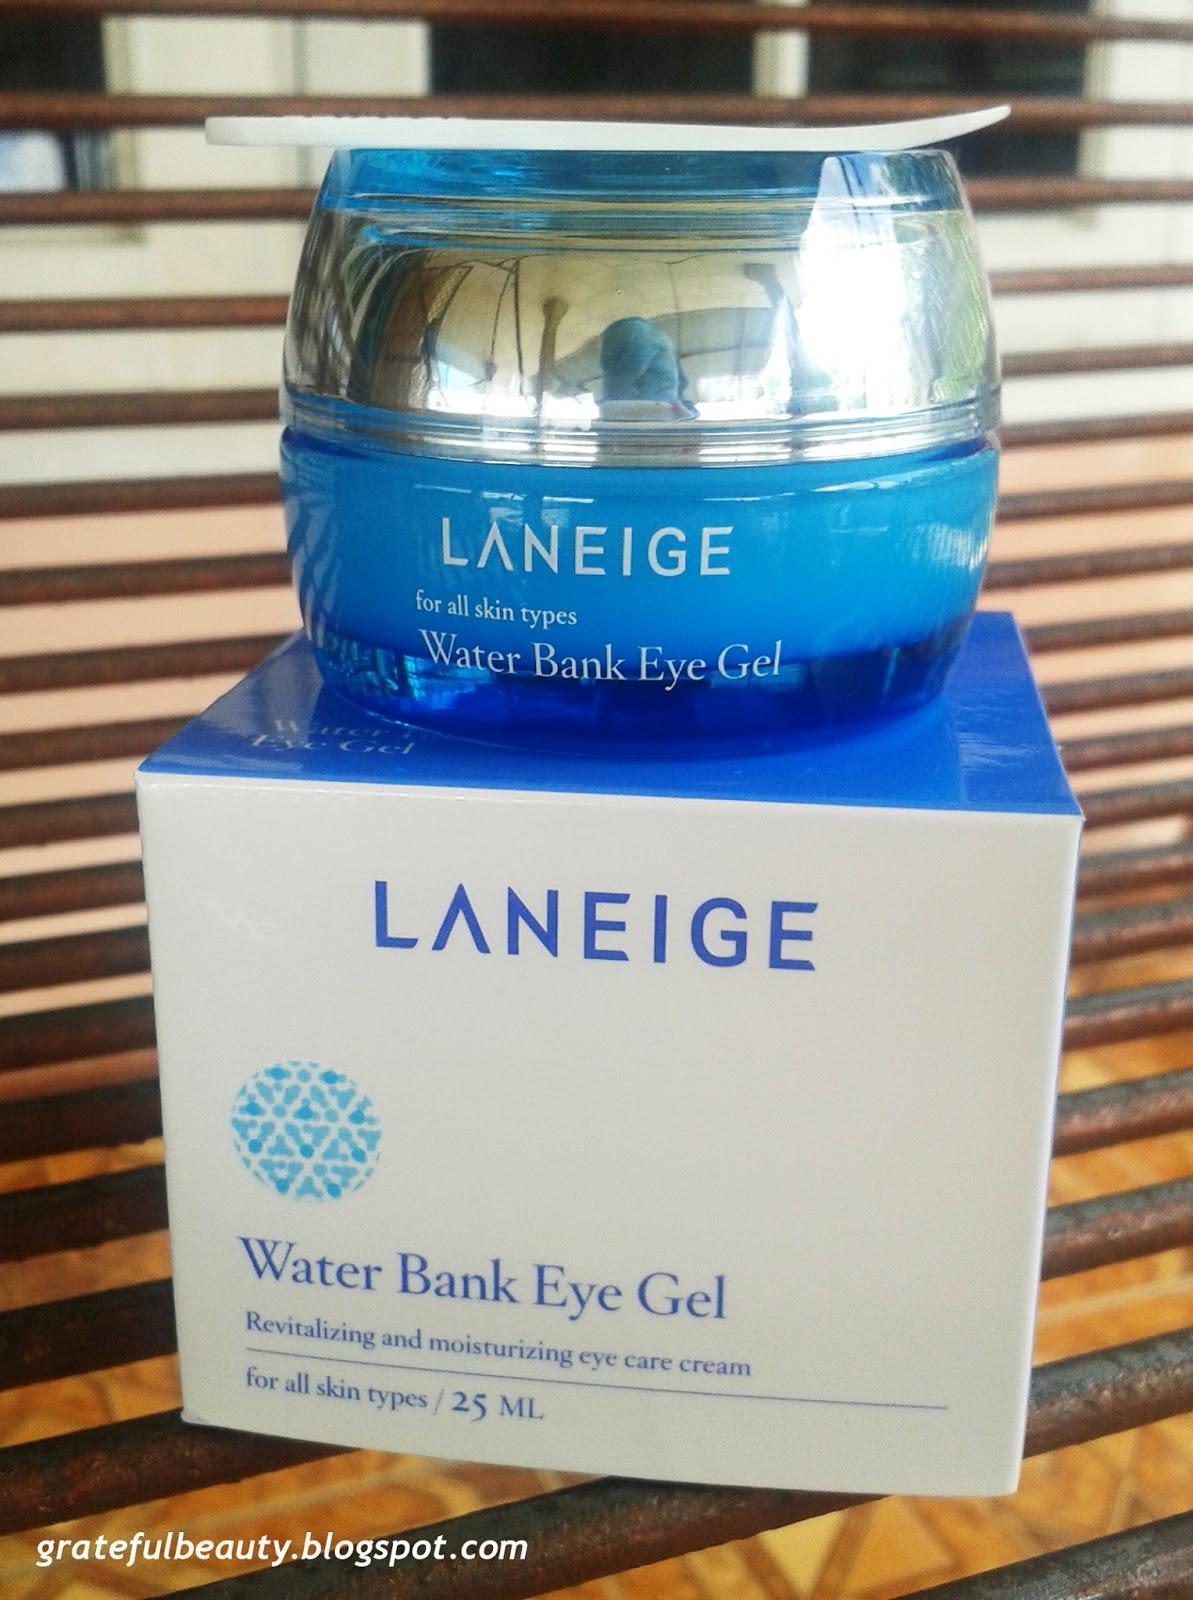 Laneige Water Bank Eye Gel Kornelia Luciana Set Paket A Ini Dapat Digunakan Untuk Jangka Waktu Yang Lumayan Lama Karena Hanya Perlu Sedikit Saja Pengaplikasiannya